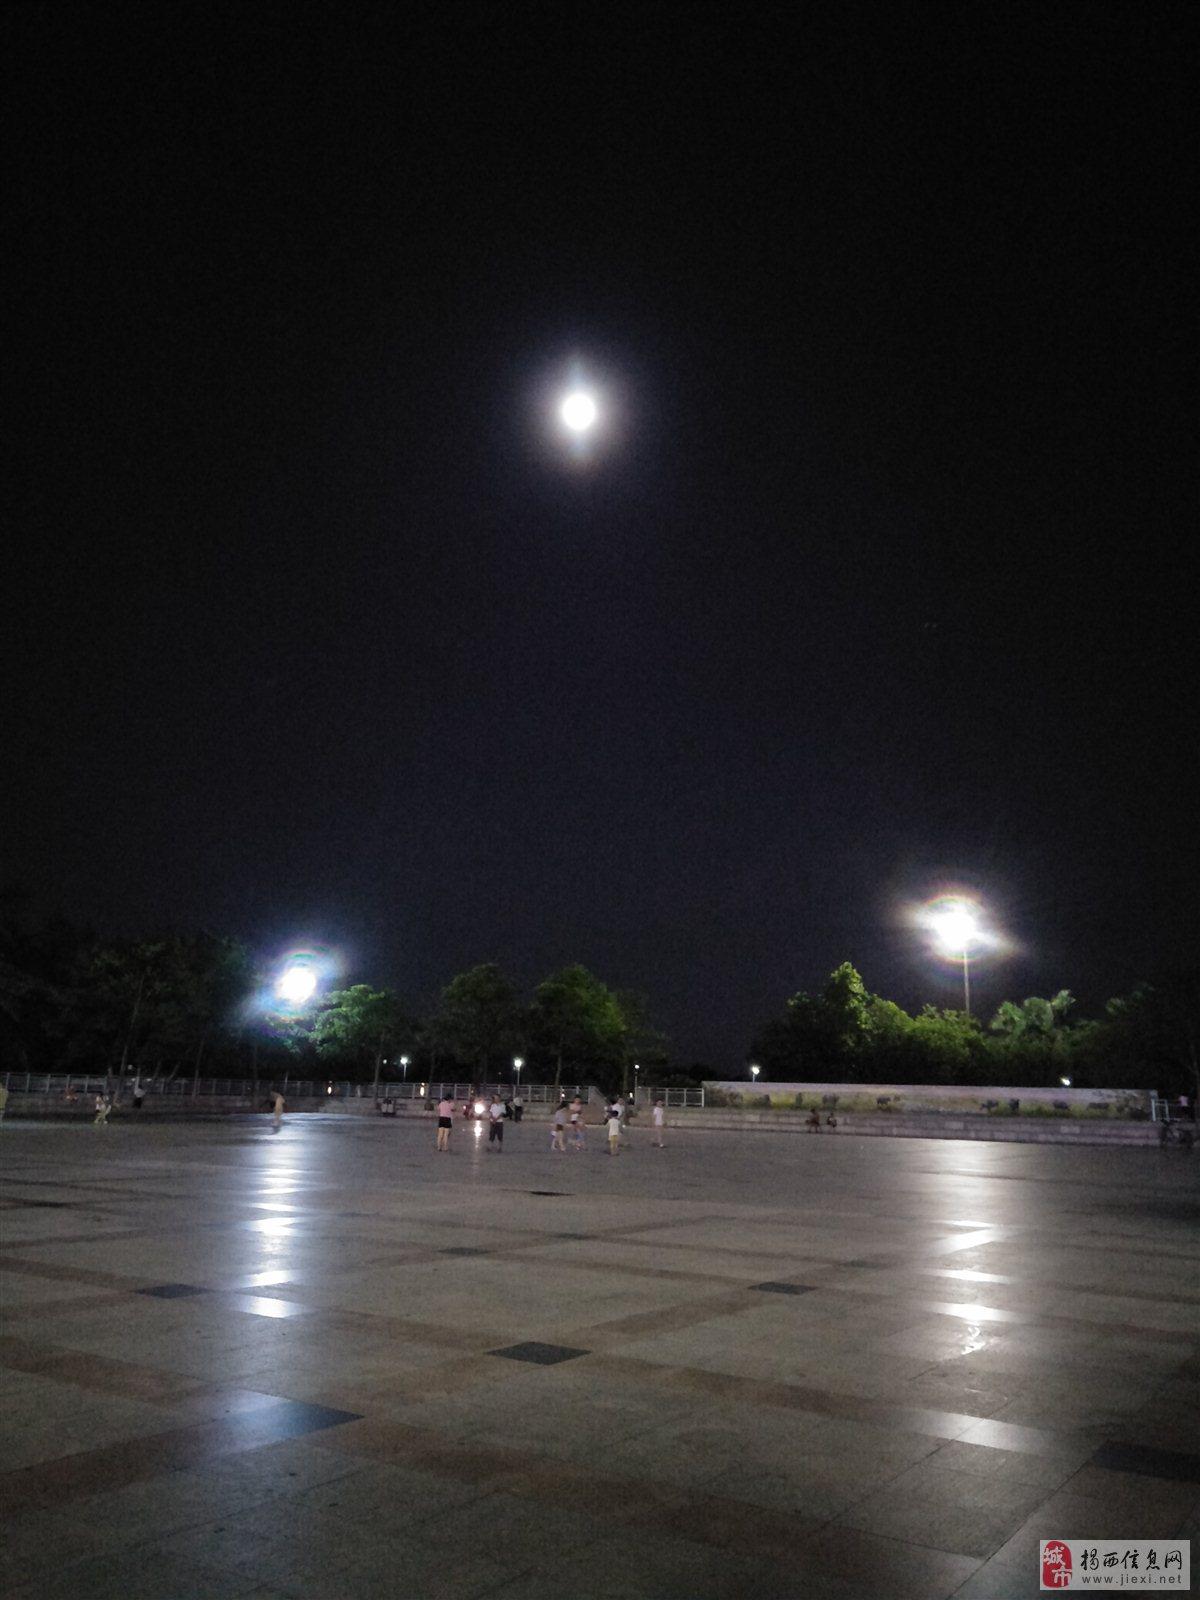 月偏食没看见3个月亮出现了